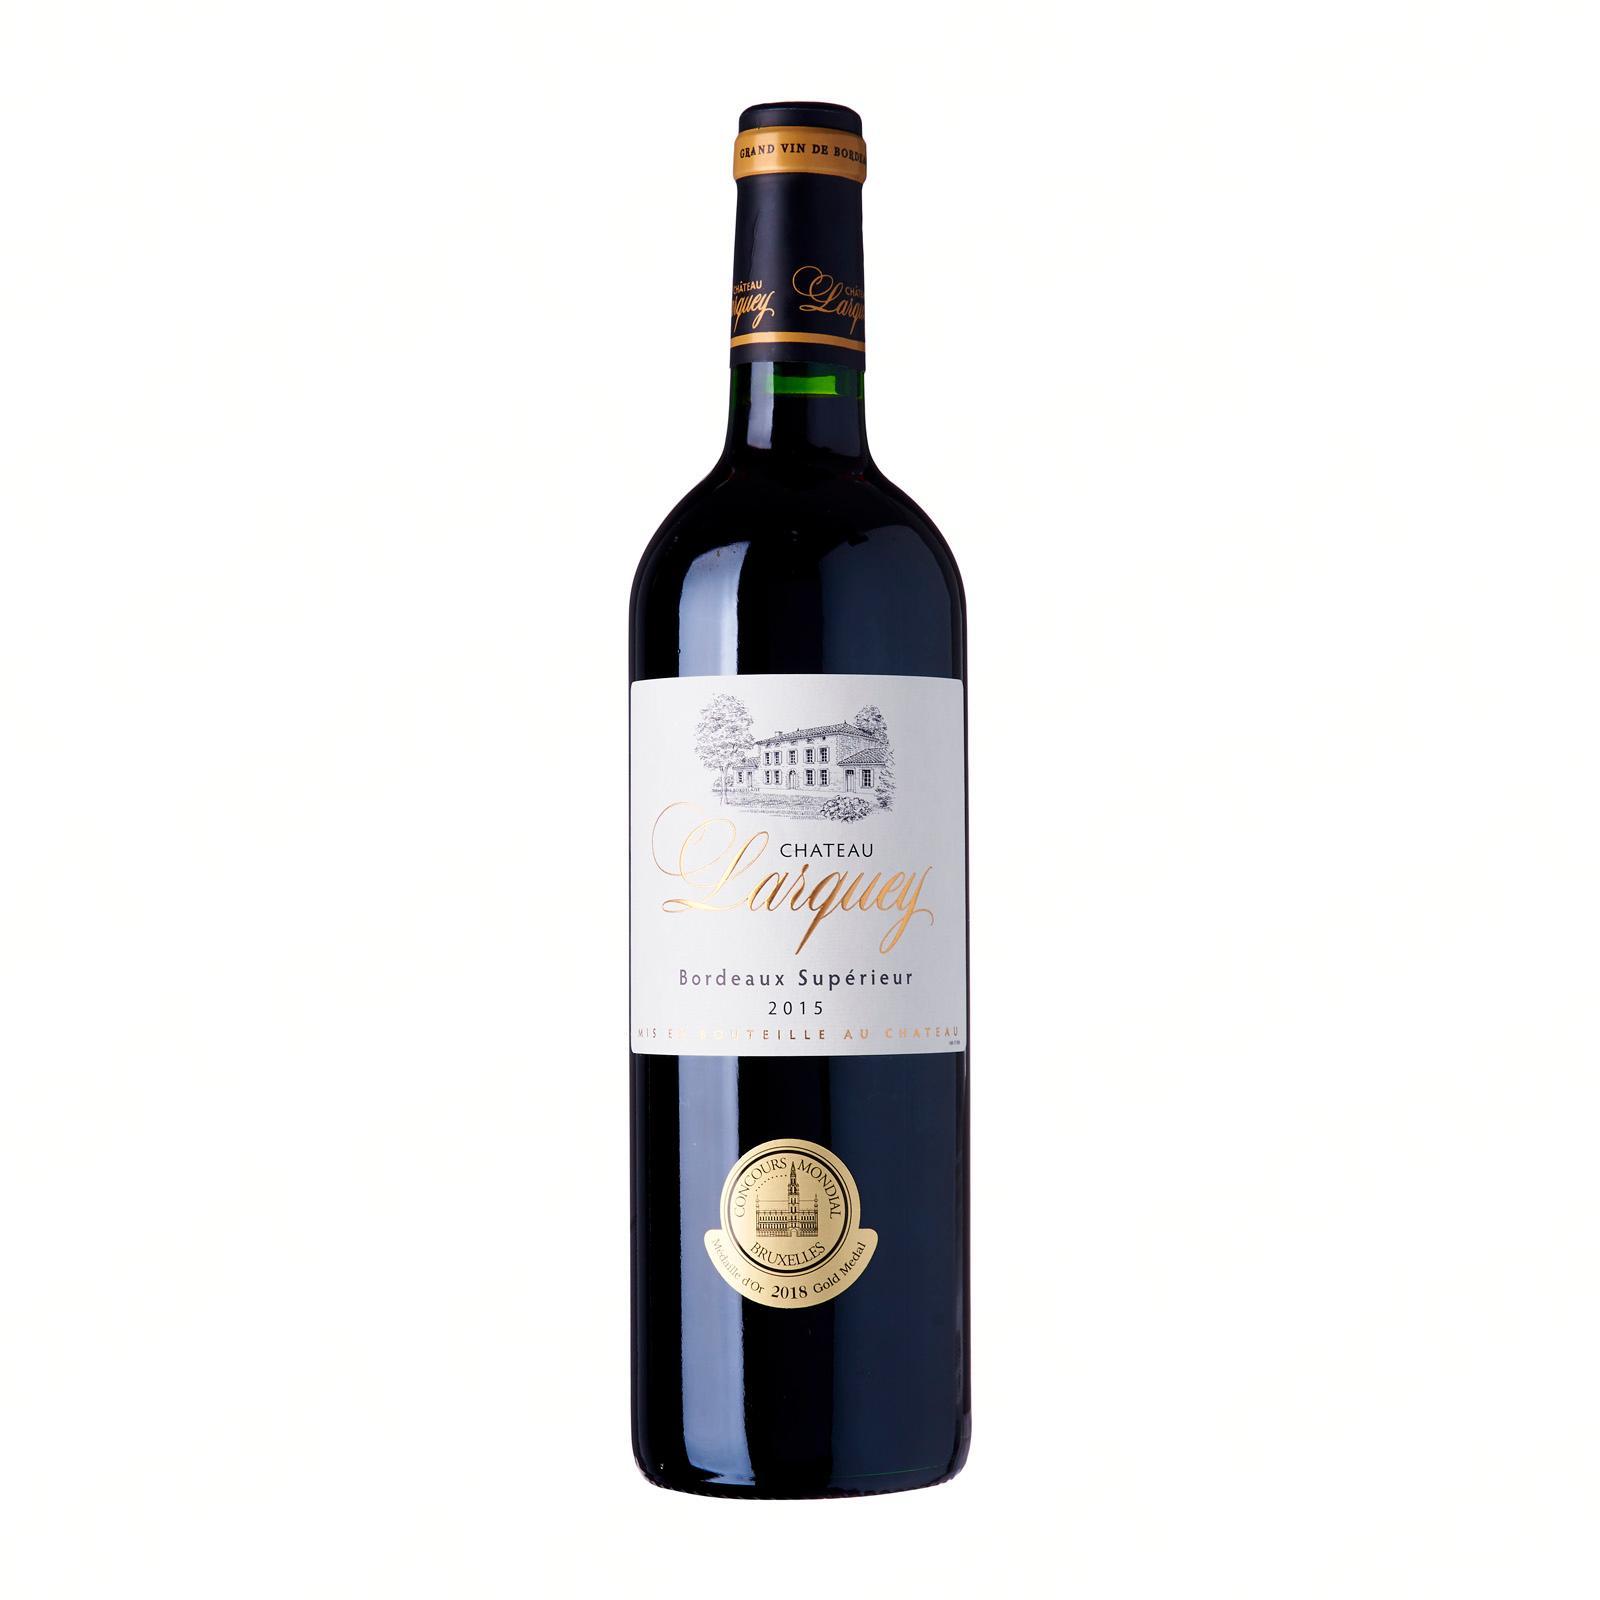 Chateau Larquey Bordeaux Superieur 14.0% 750ml